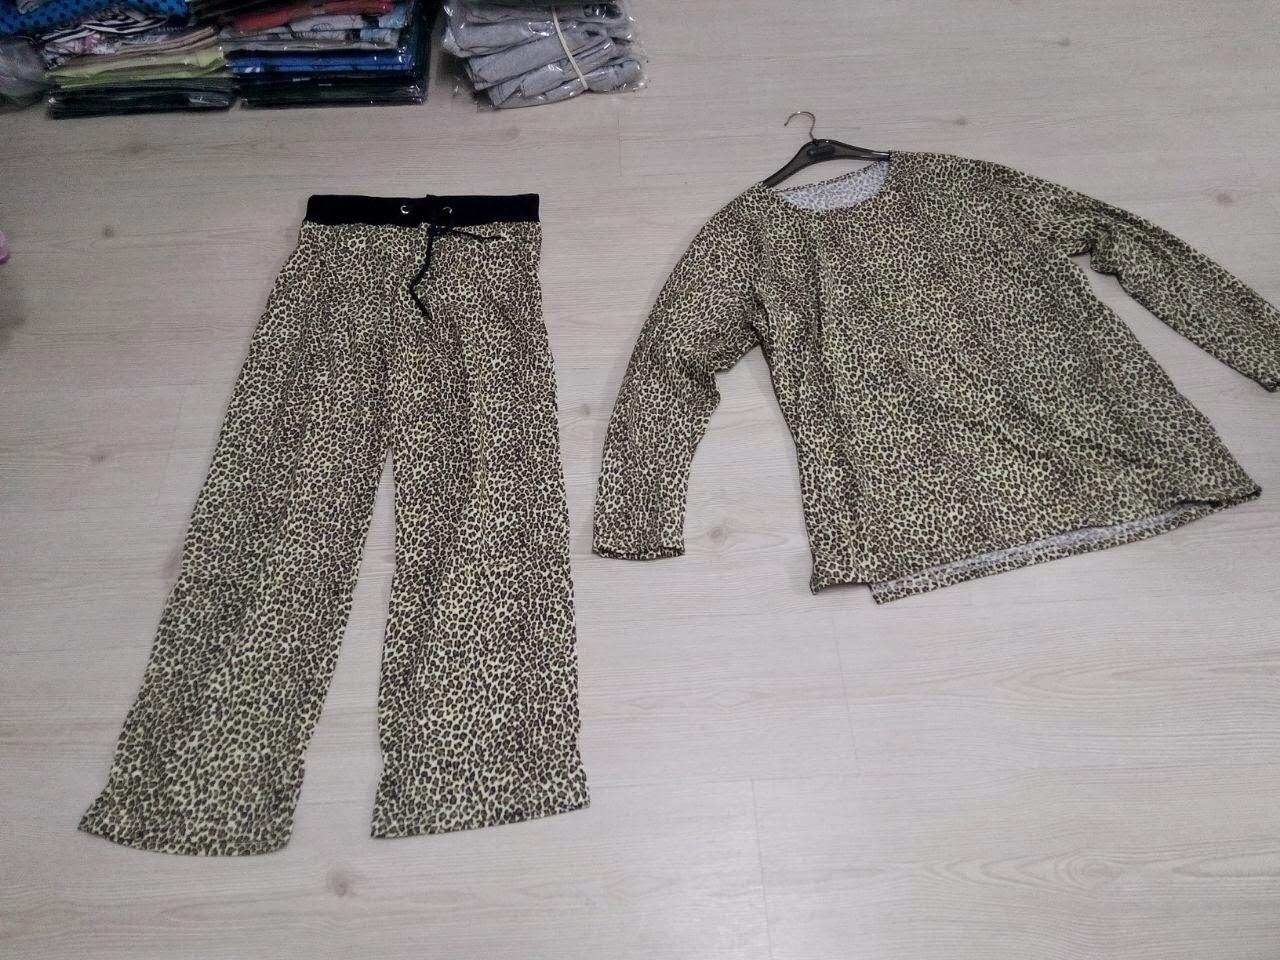 toptan leopar desenli kışlık bayan giyim ürünleri toptan satışı